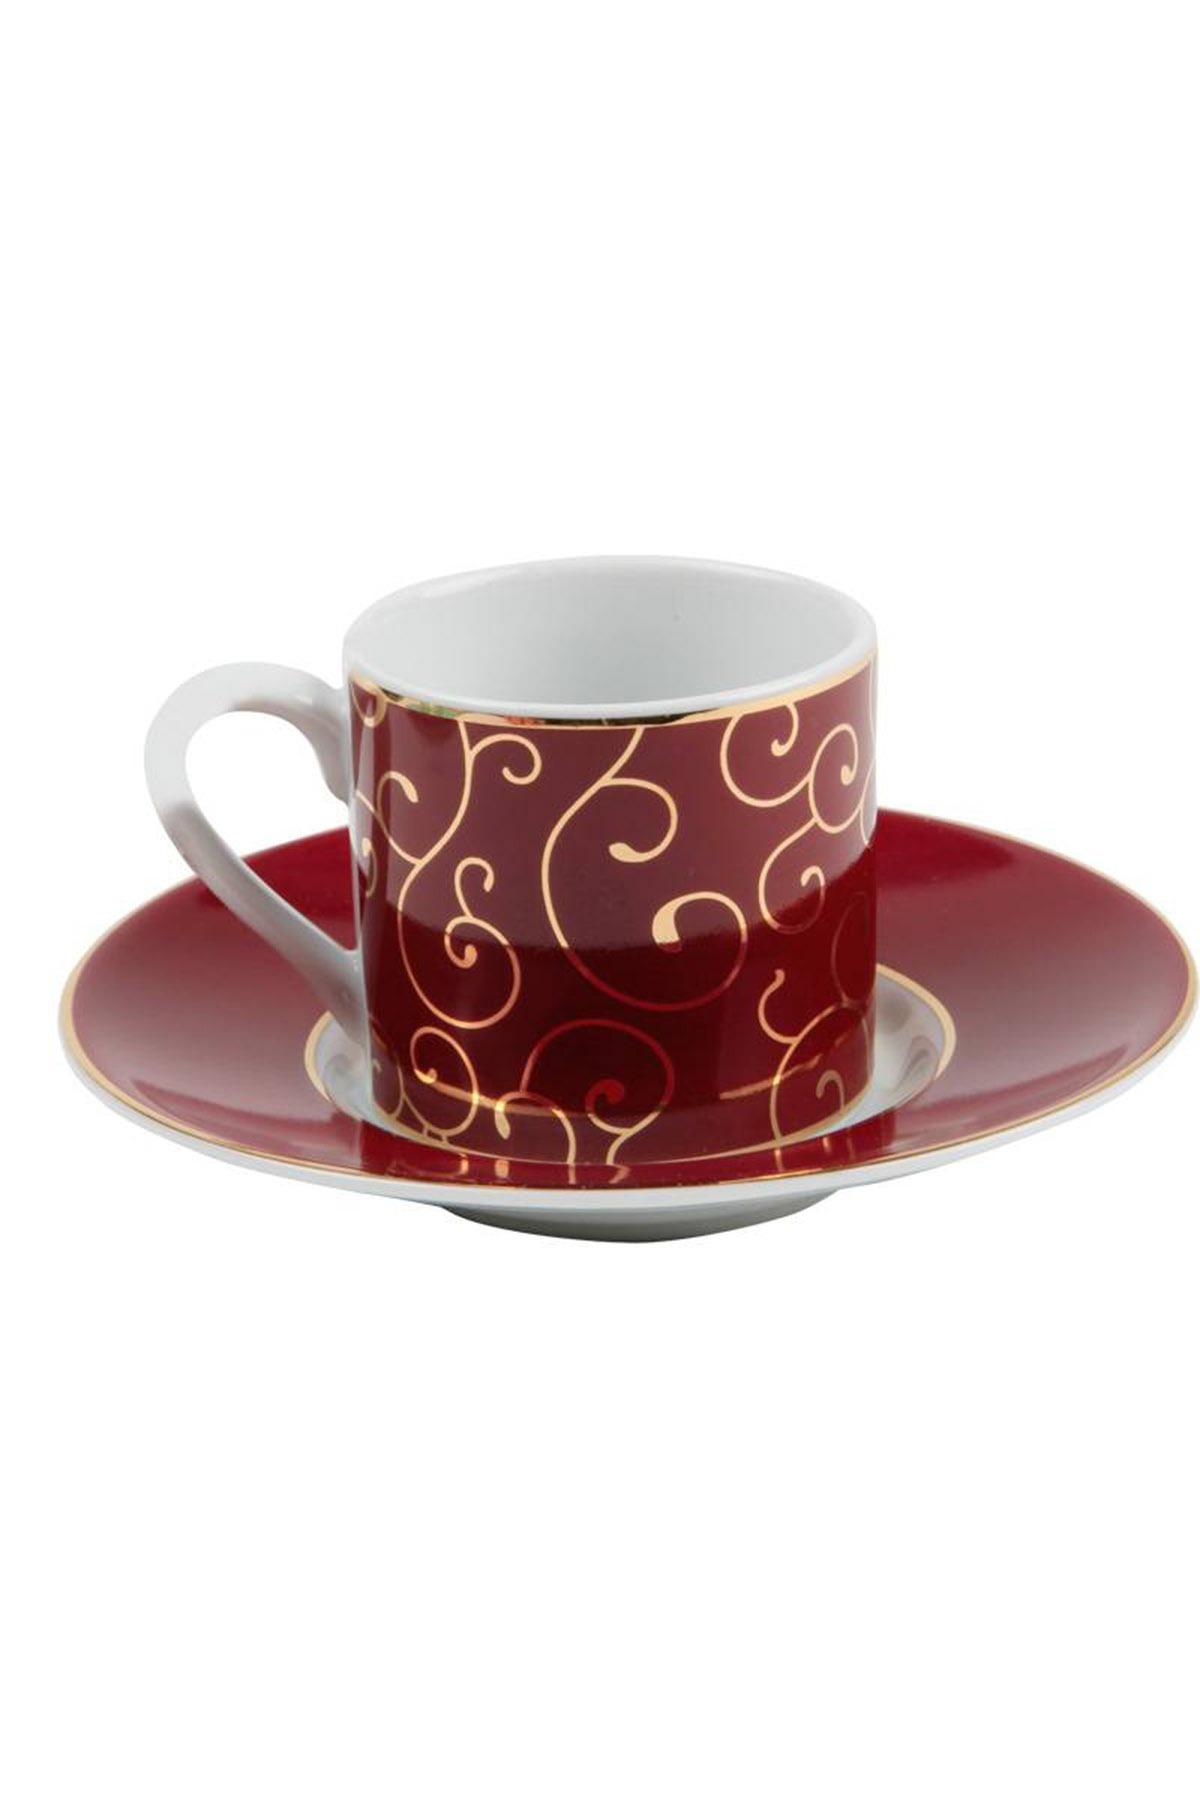 Kütahya Porselen Rüya 6830 Desen Kahve Fincan Takımı